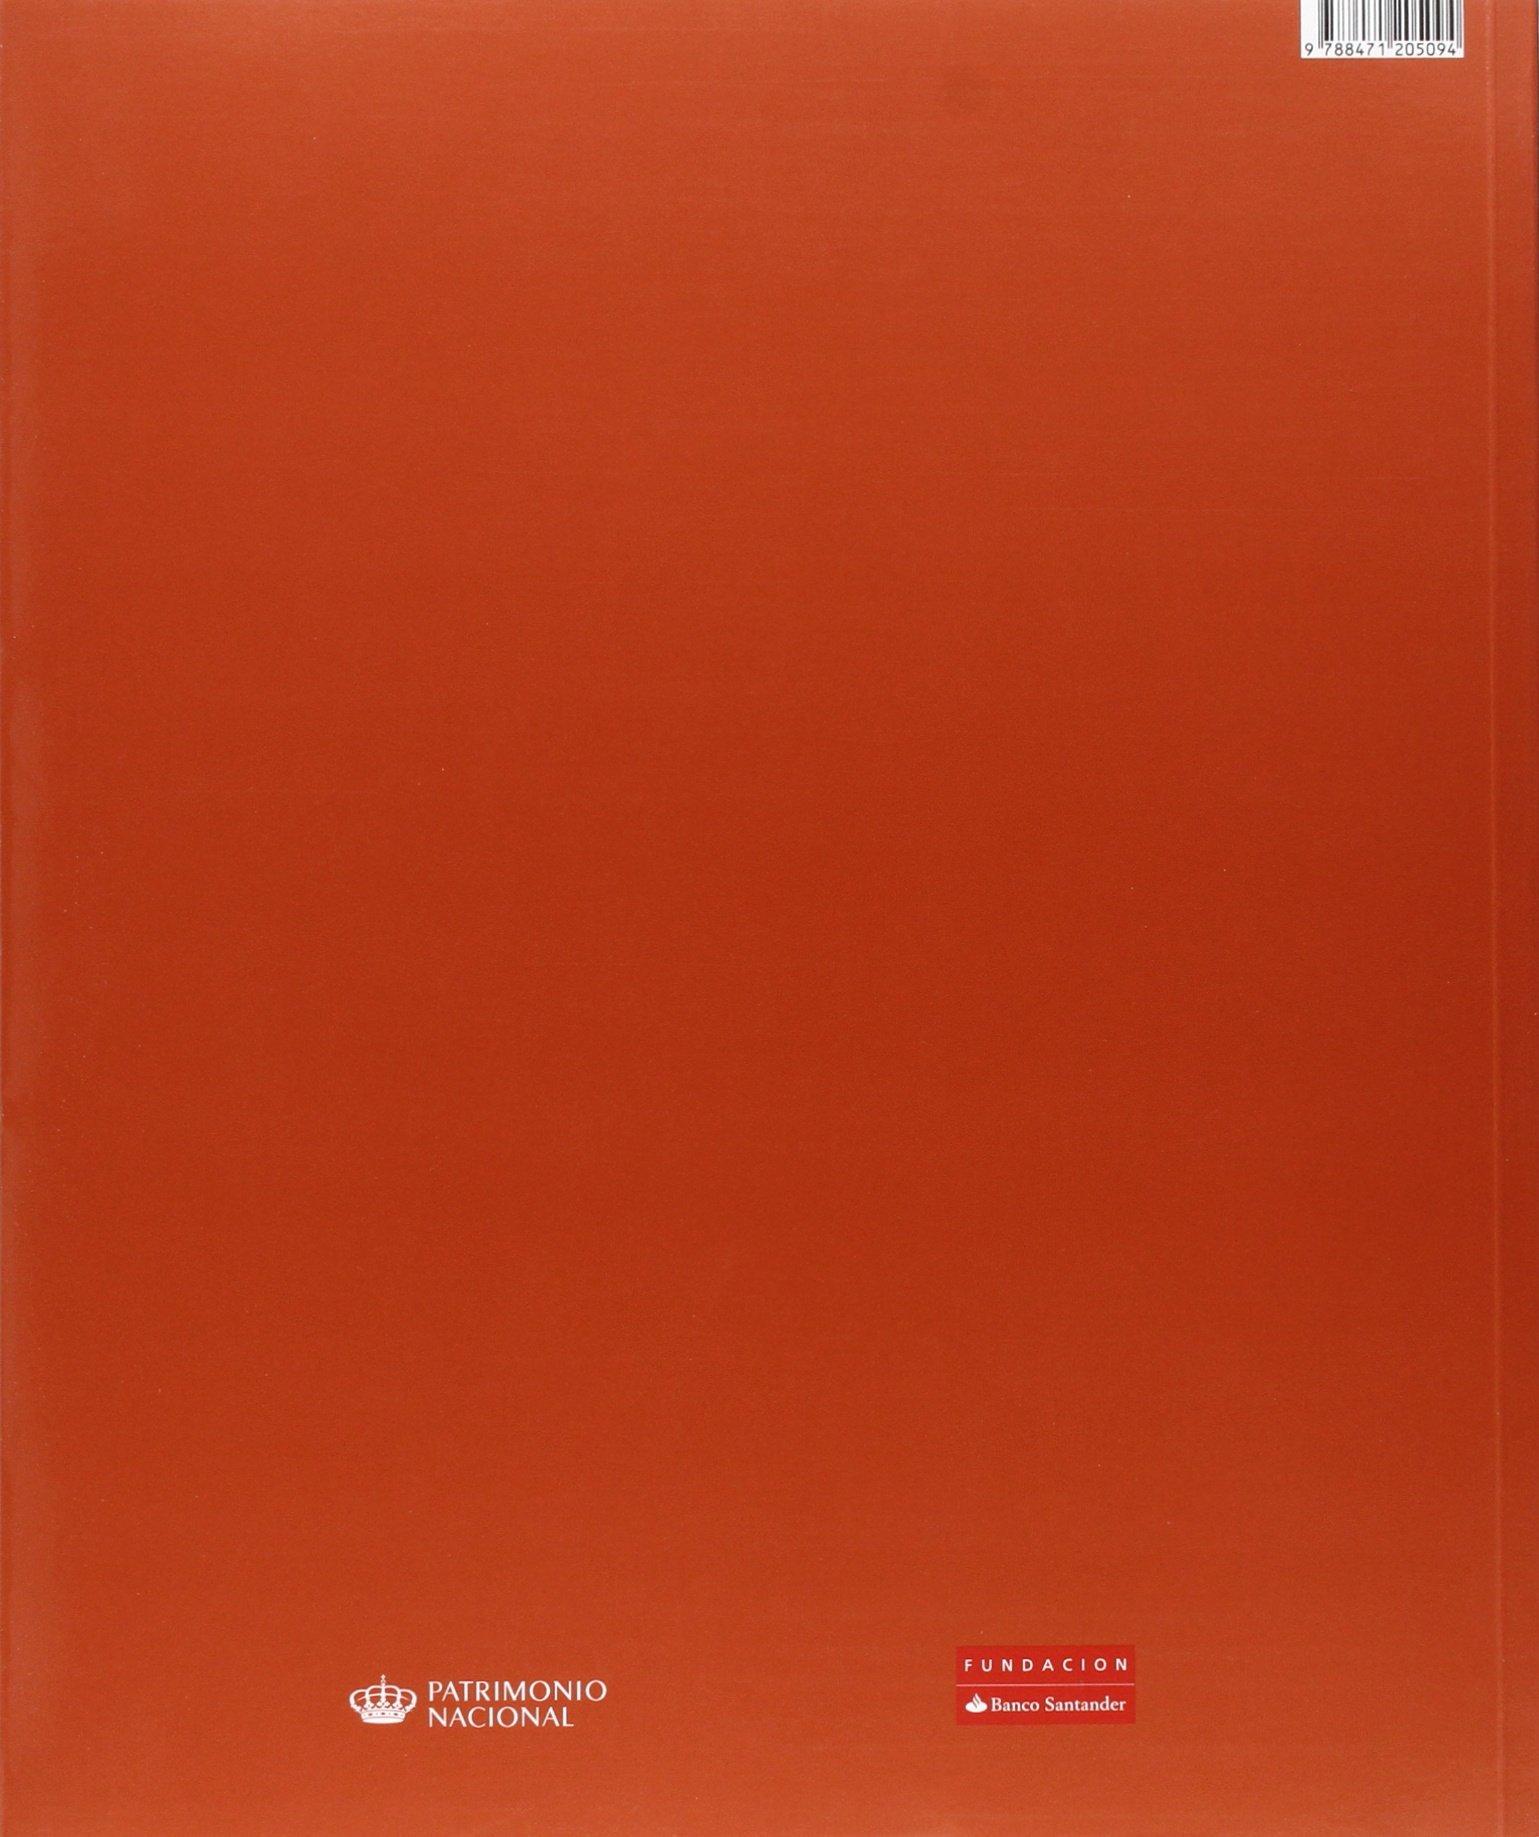 De Caravaggio A Bernini: Amazon.es: Gonzalo Redín Michaus, David García Cueto, Leticia de Frutos Sastre, Carmen Garcíua-Frías Checa: Libros